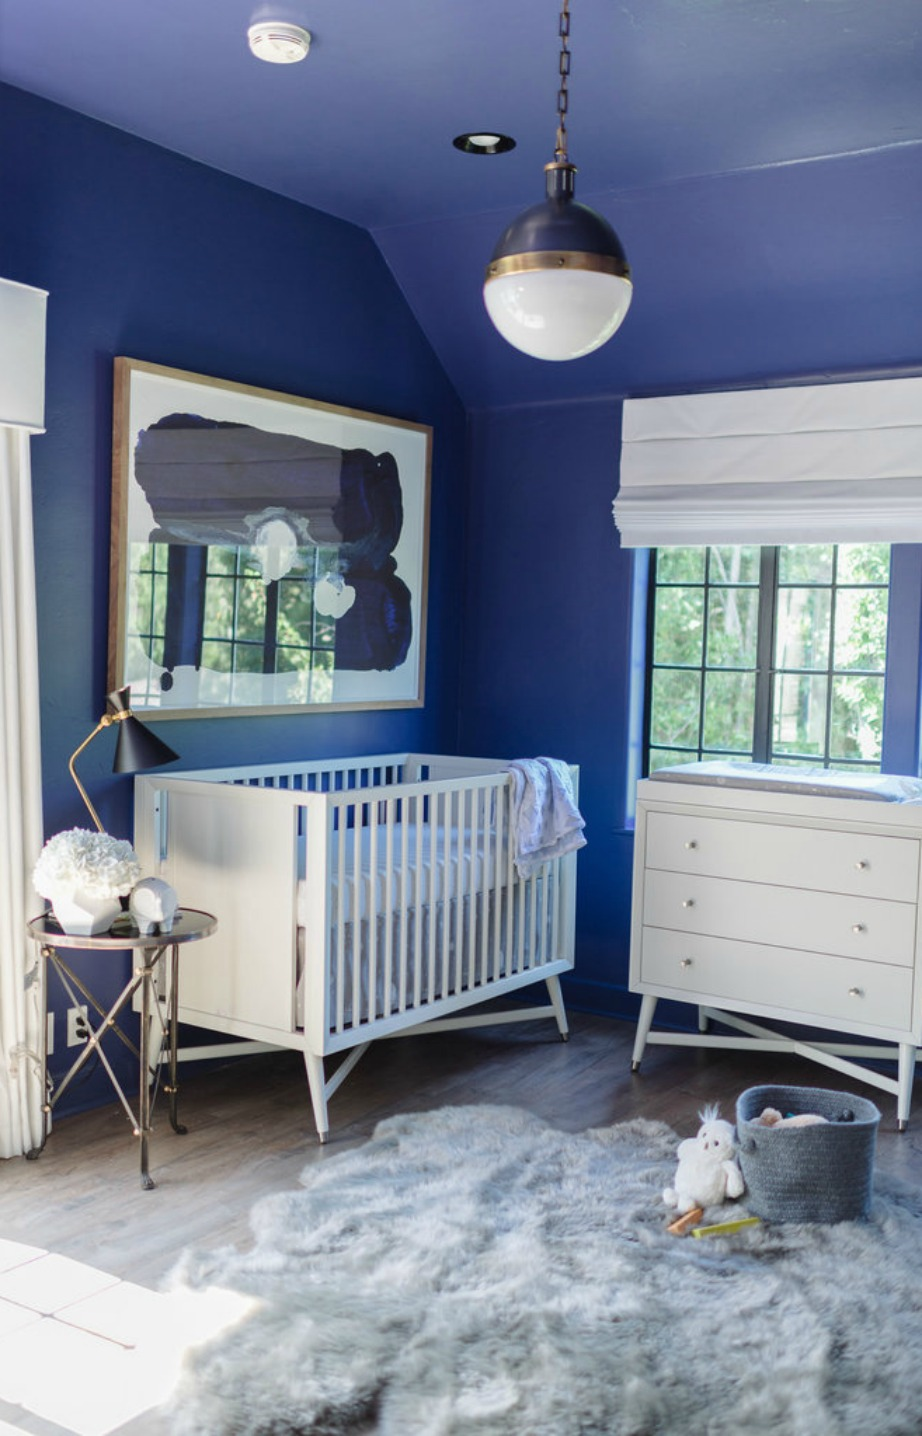 Οι τοίχοι βάφτηκαν σε ένα γλυκό γαλάζιο.